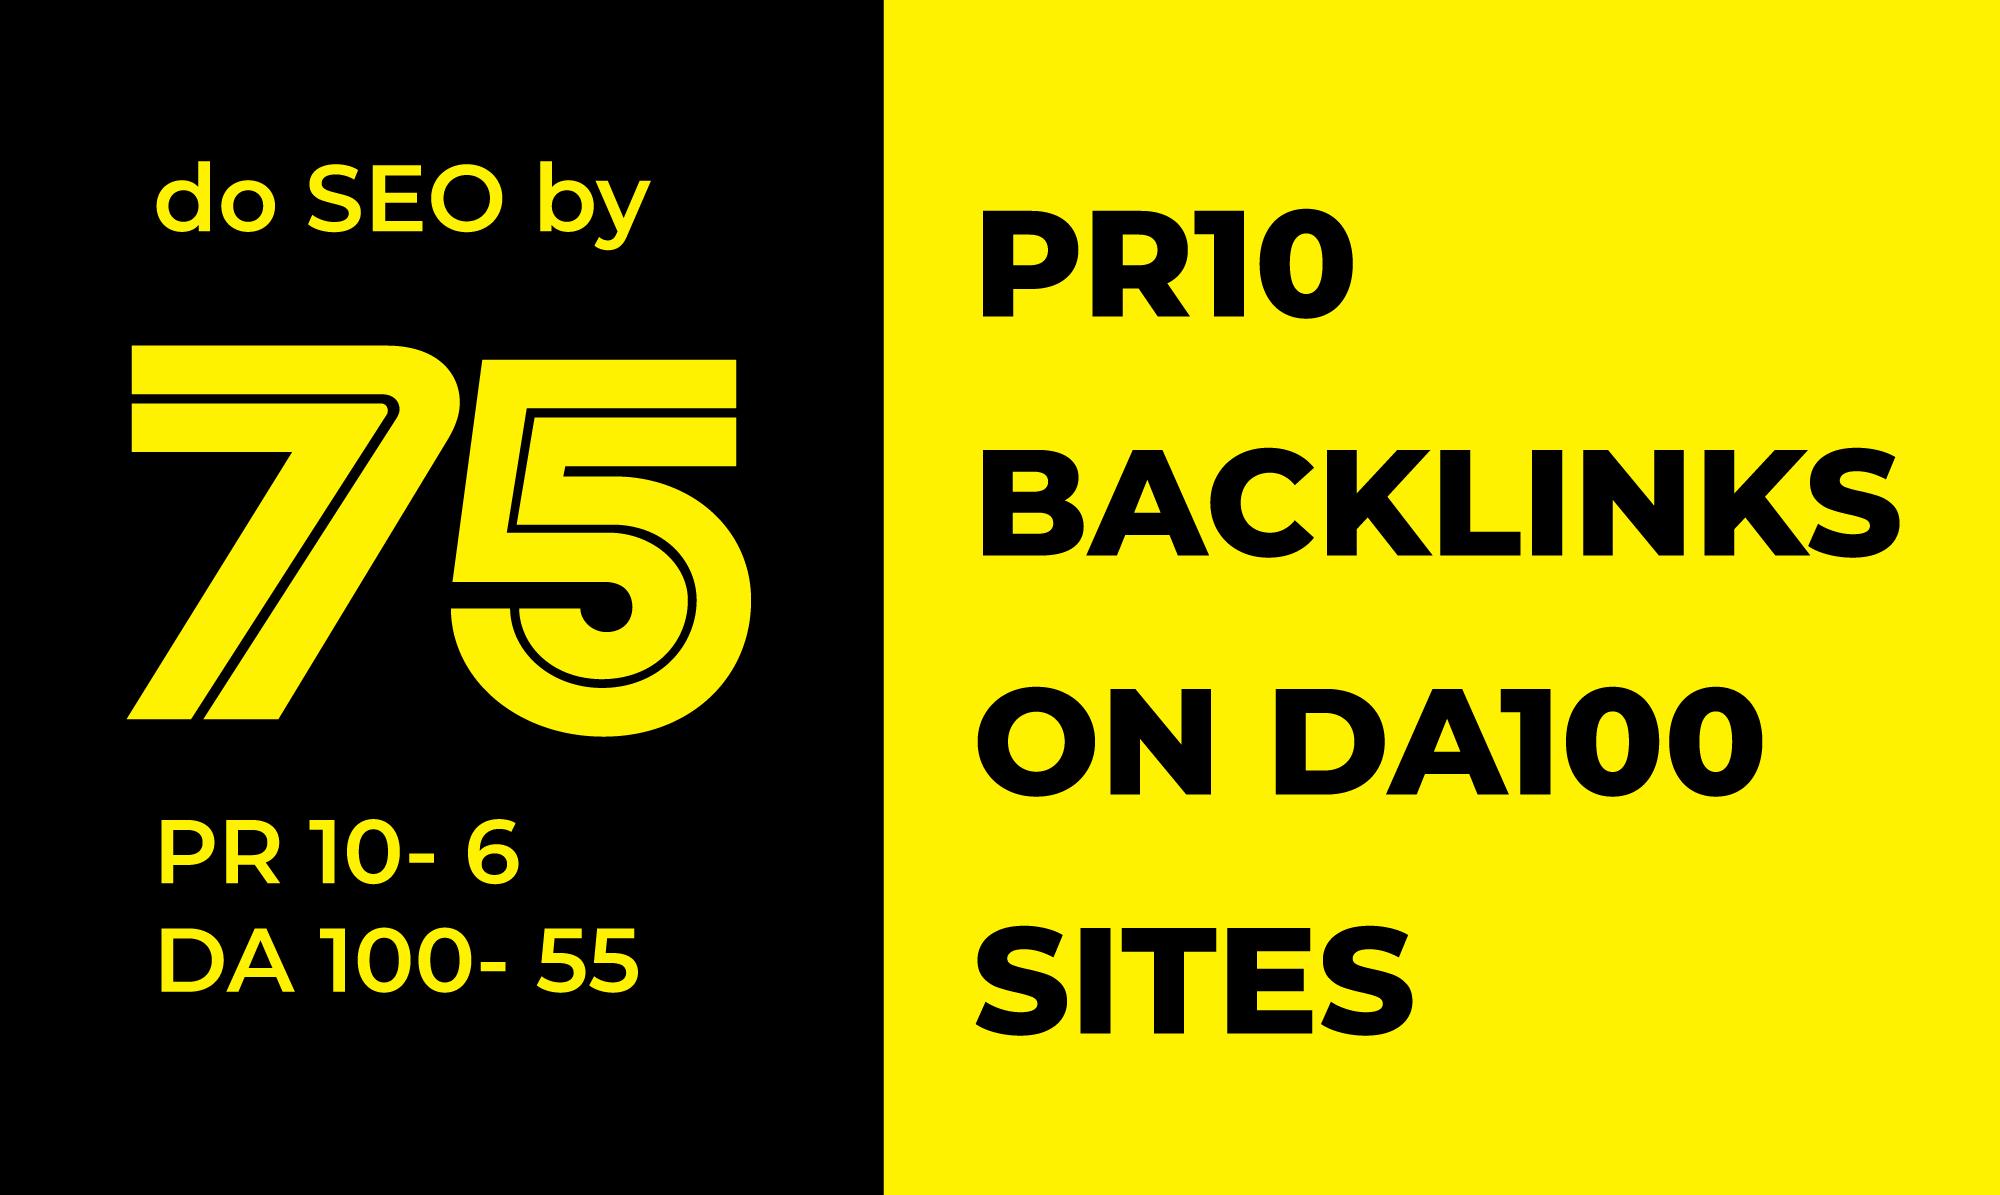 I will do 75 unique pr10 backlinks on da100 sites